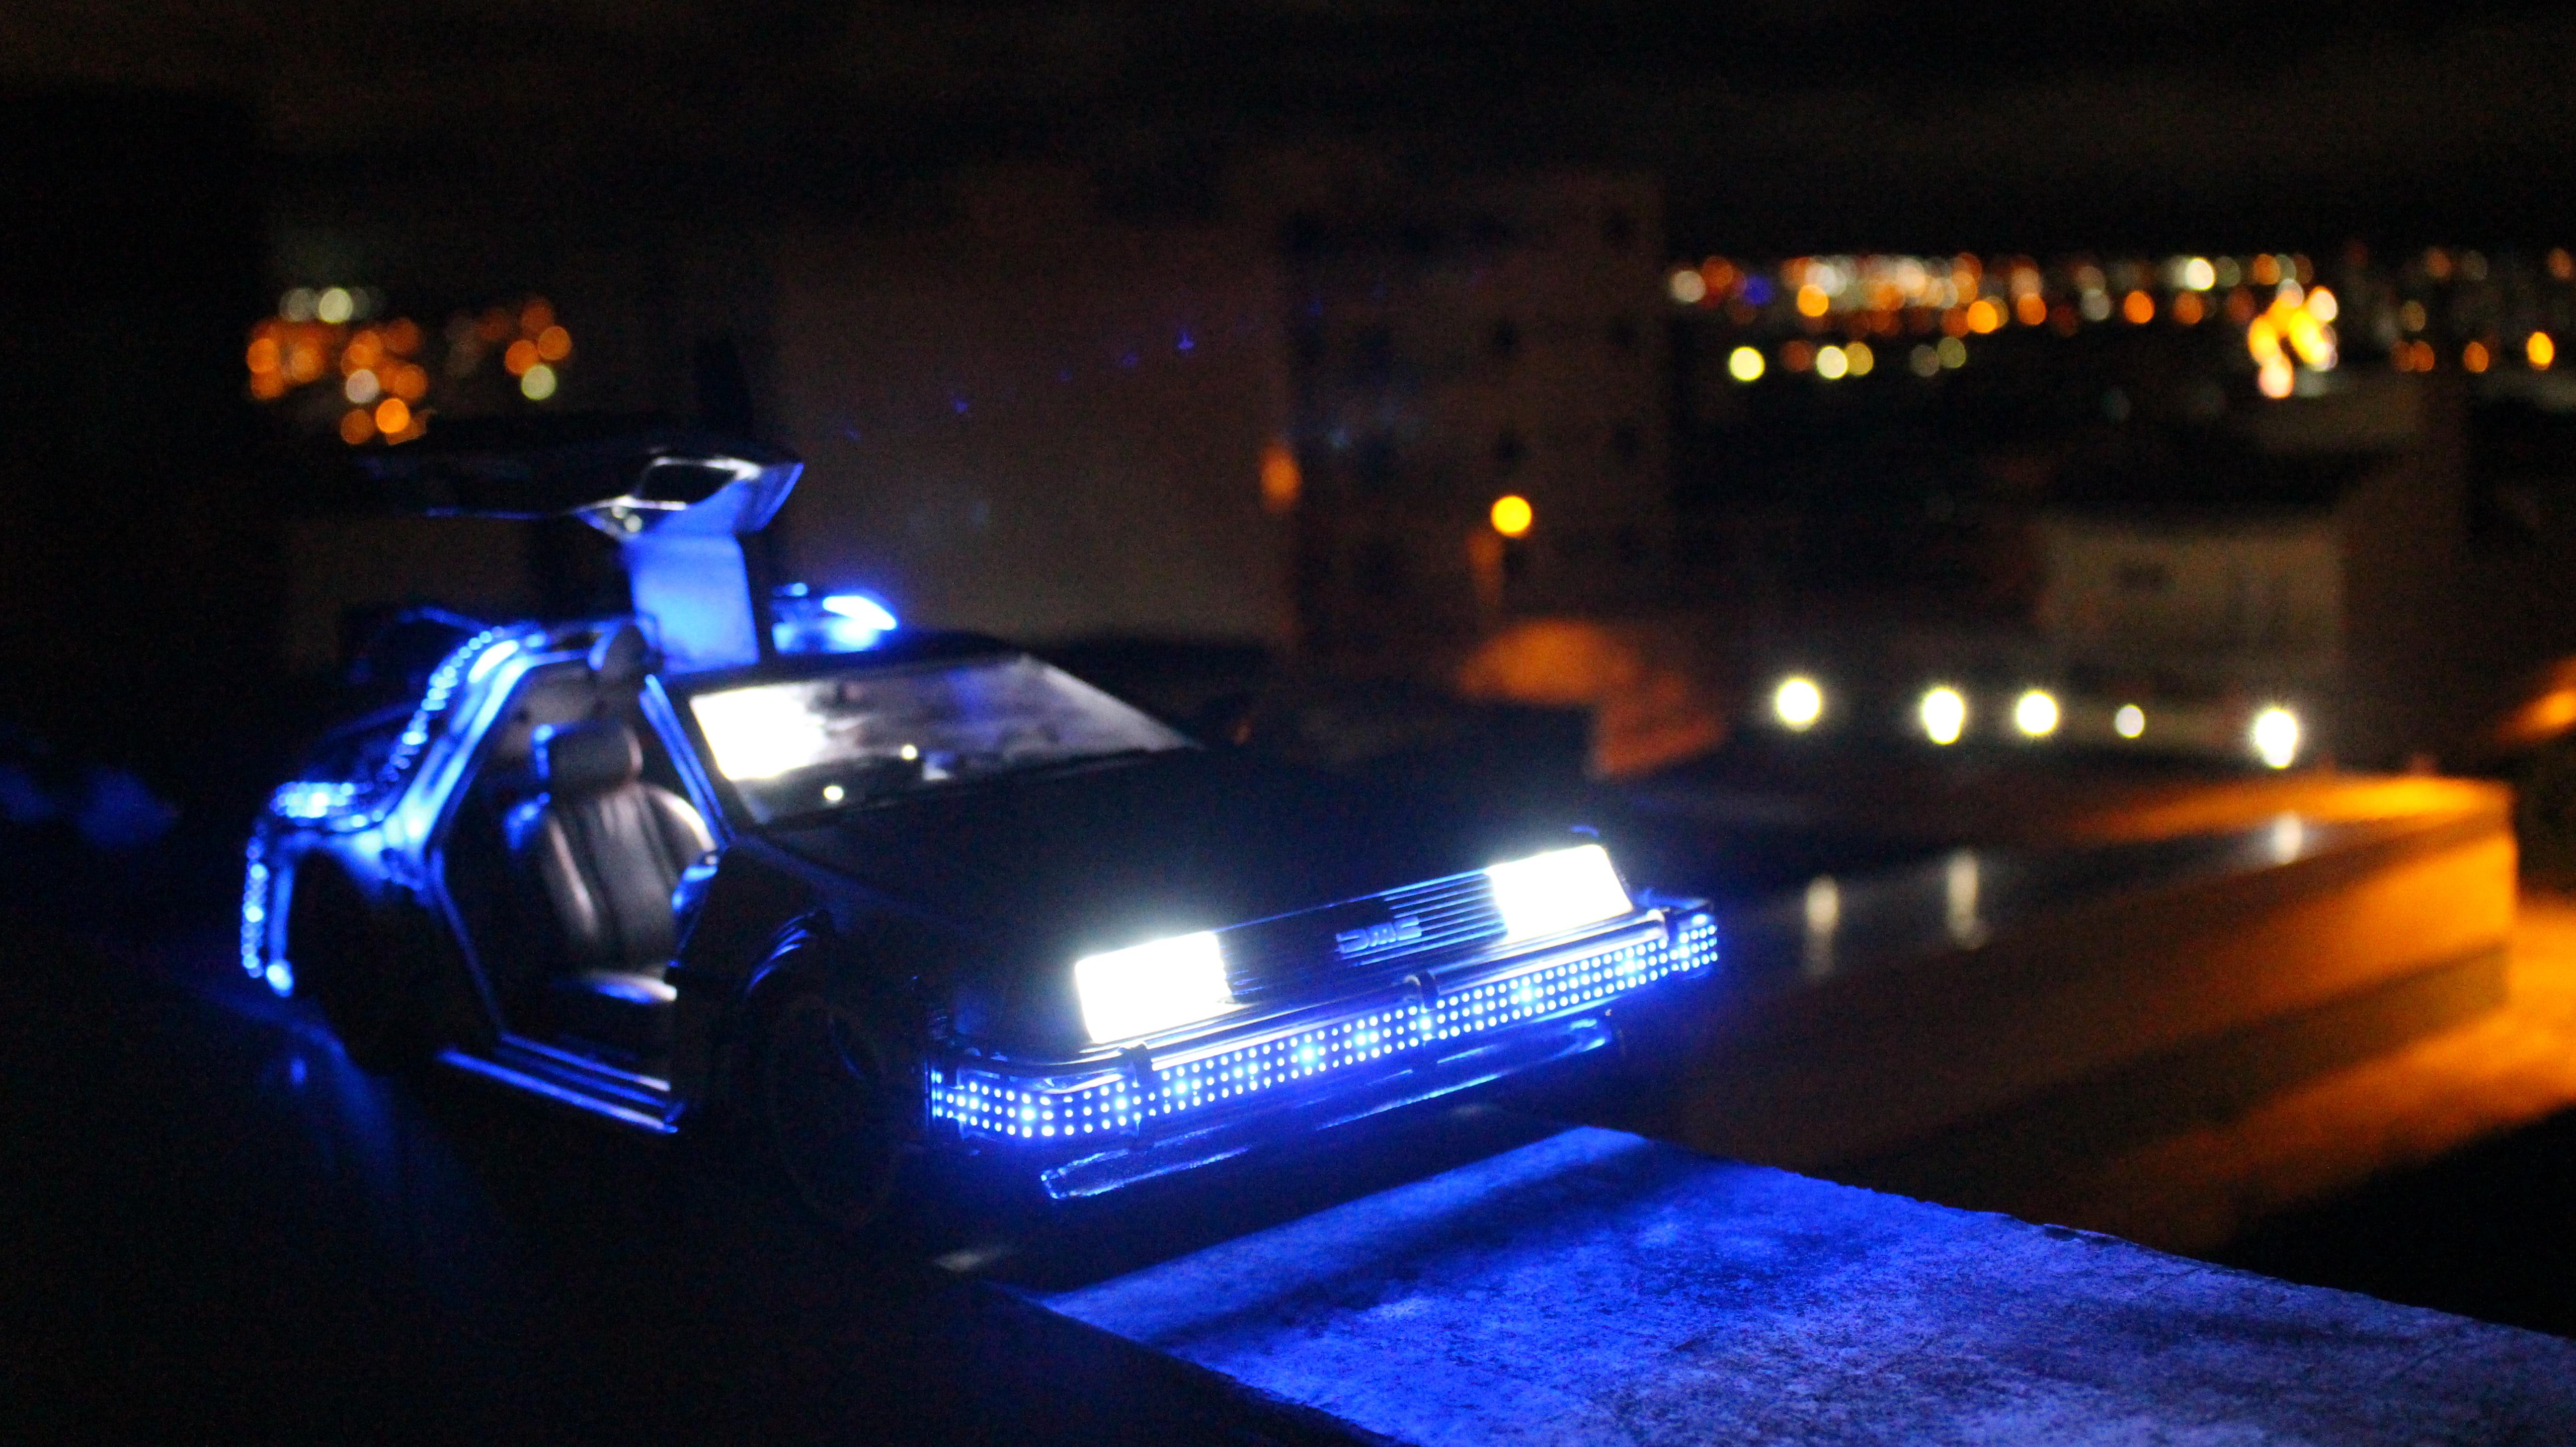 miniaturas de carros impressao 3d